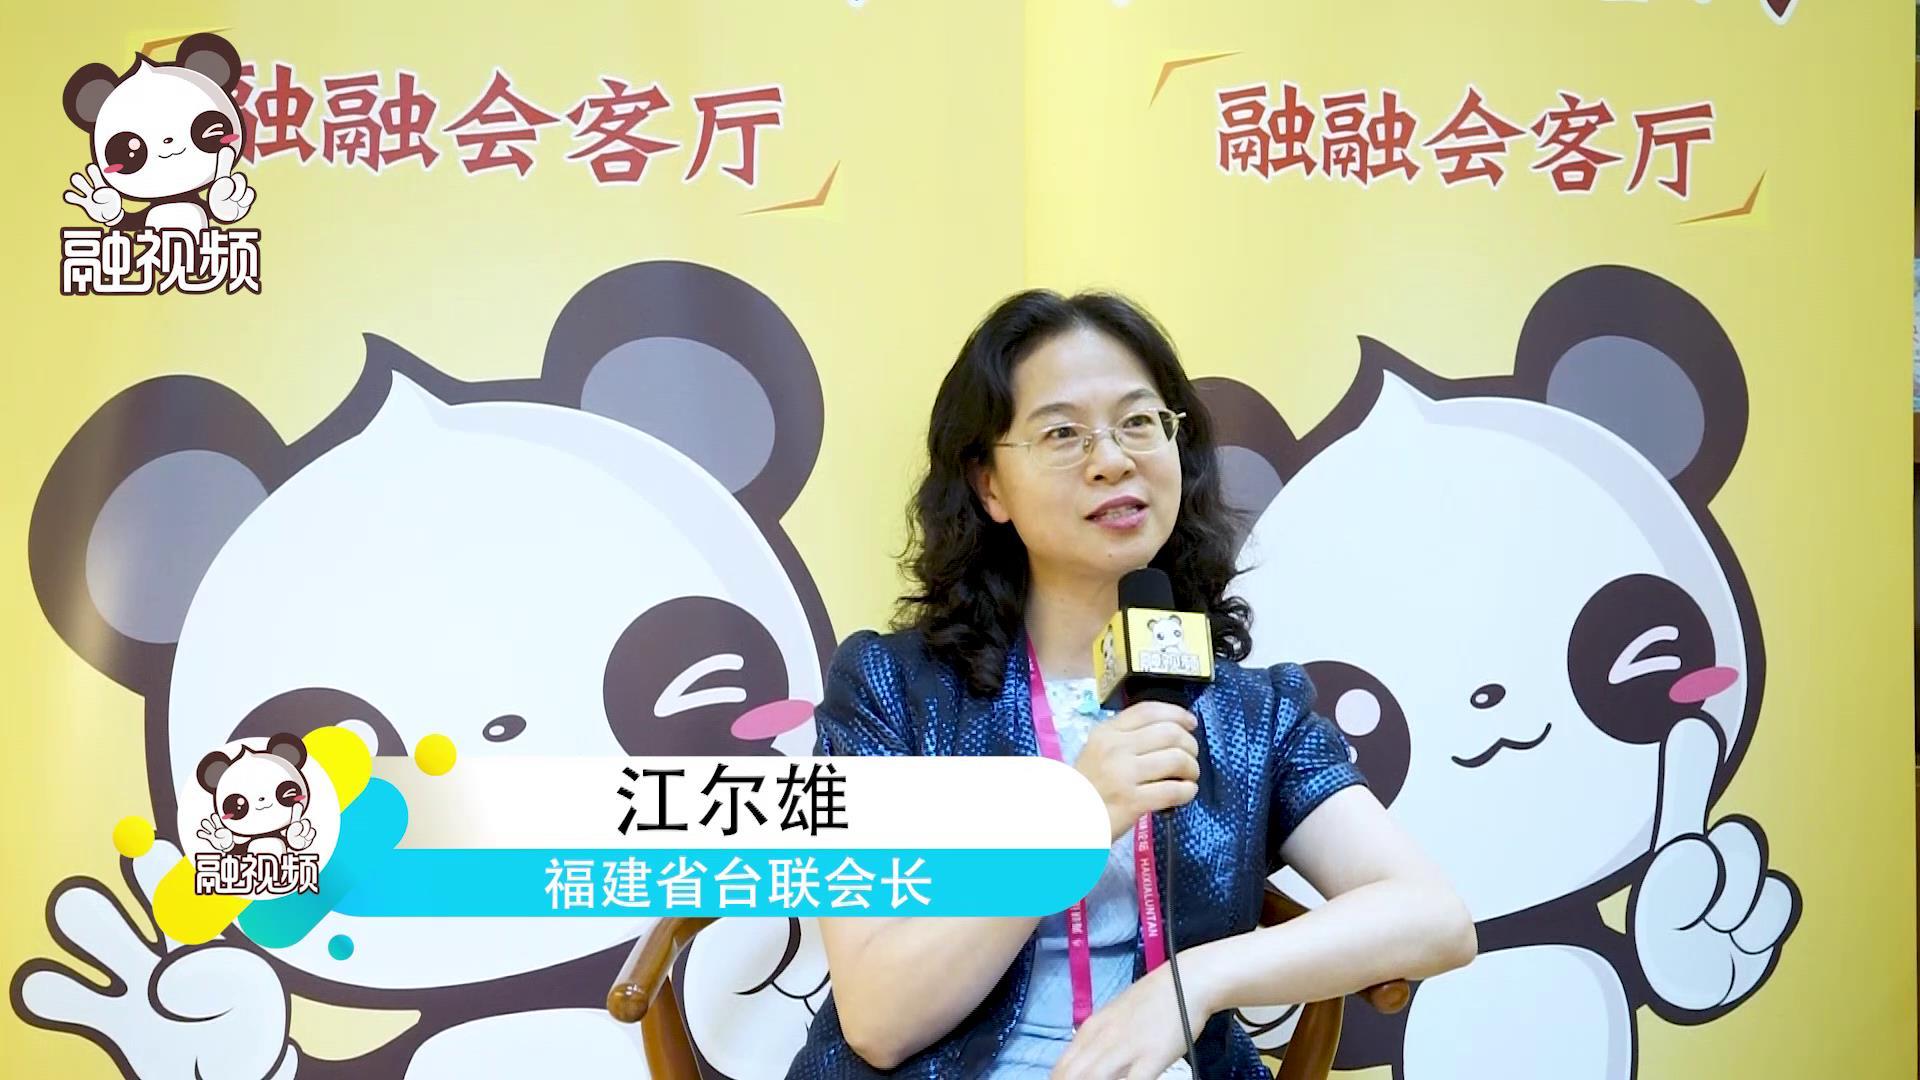 江尔雄:血脉宗亲联谊交流是中华名族文化的传承图片